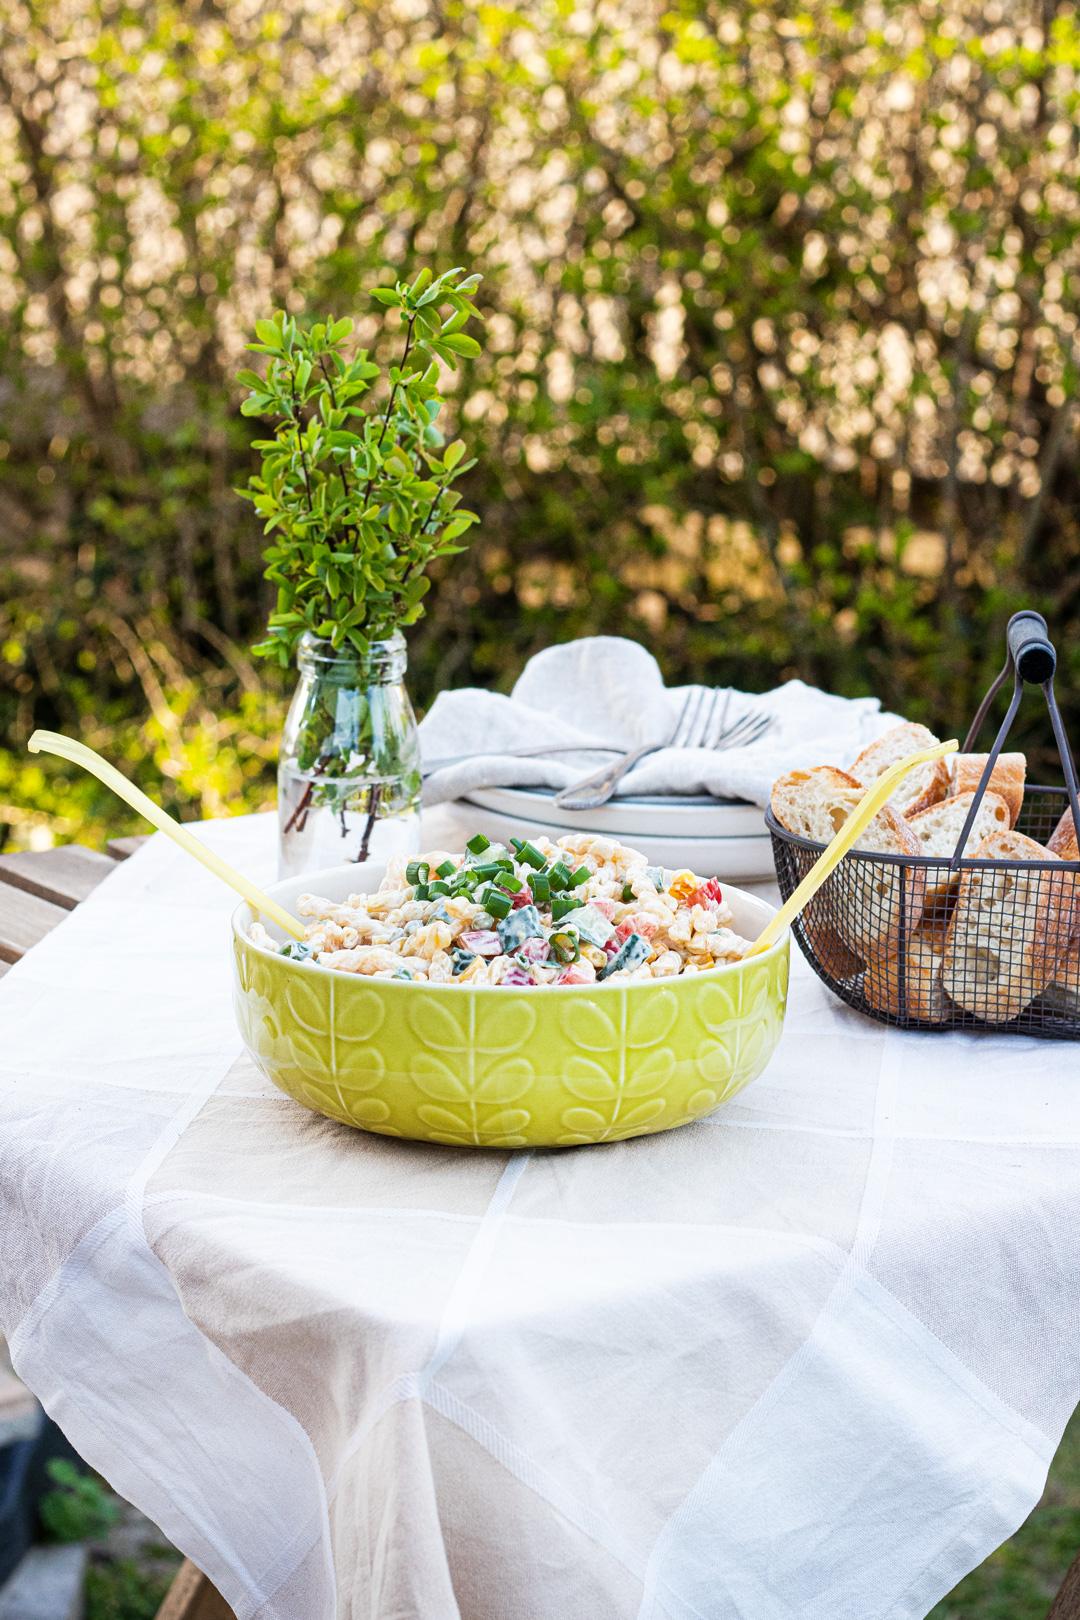 Grillen-Salat-Nudeln